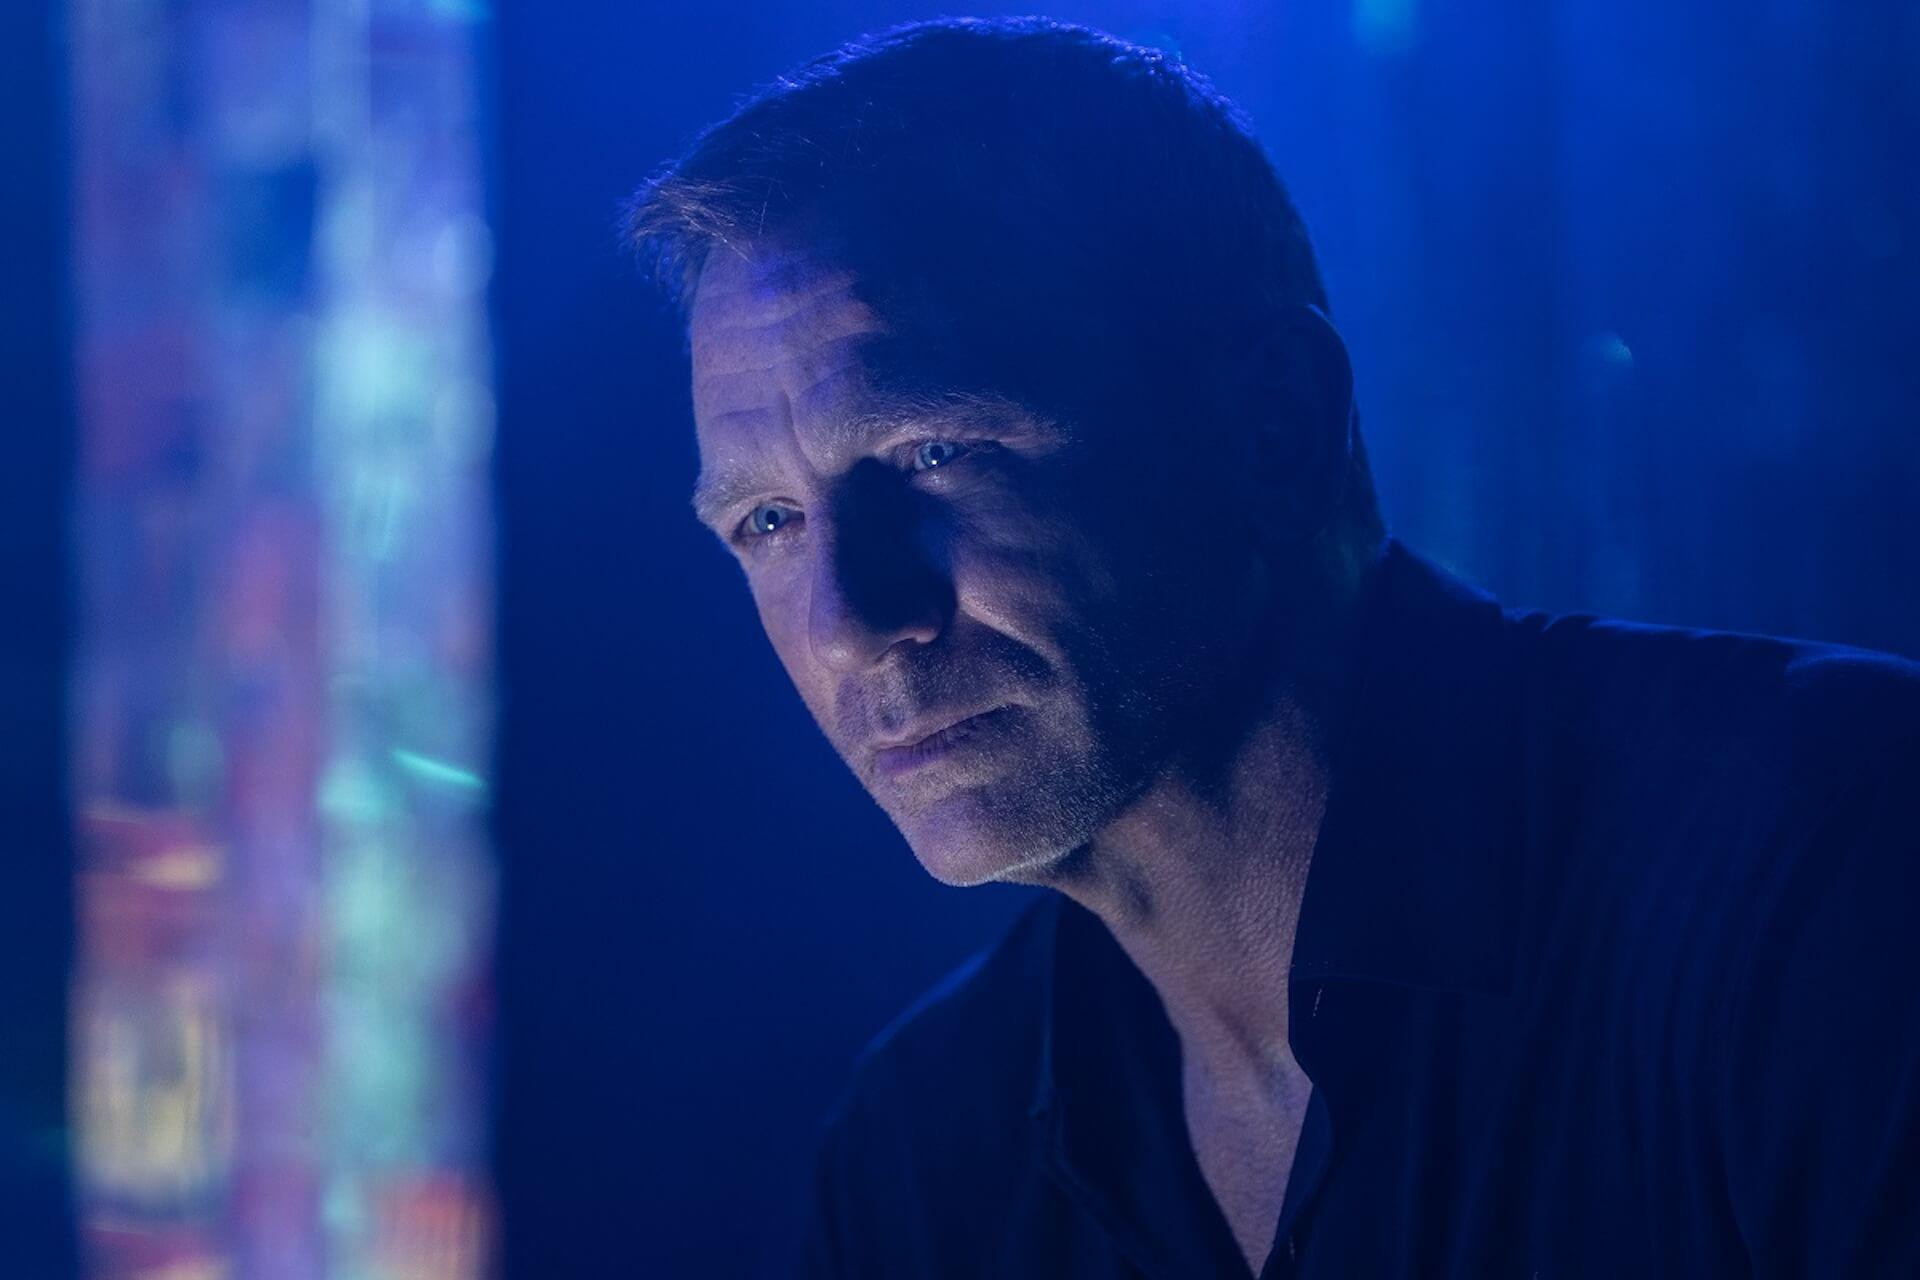 ついにジェームズ・ボンドが帰ってくる!『007/ノー・タイム・トゥ・ダイ』の新予告&日本版ポスタービジュアル解禁 film200918_007_4